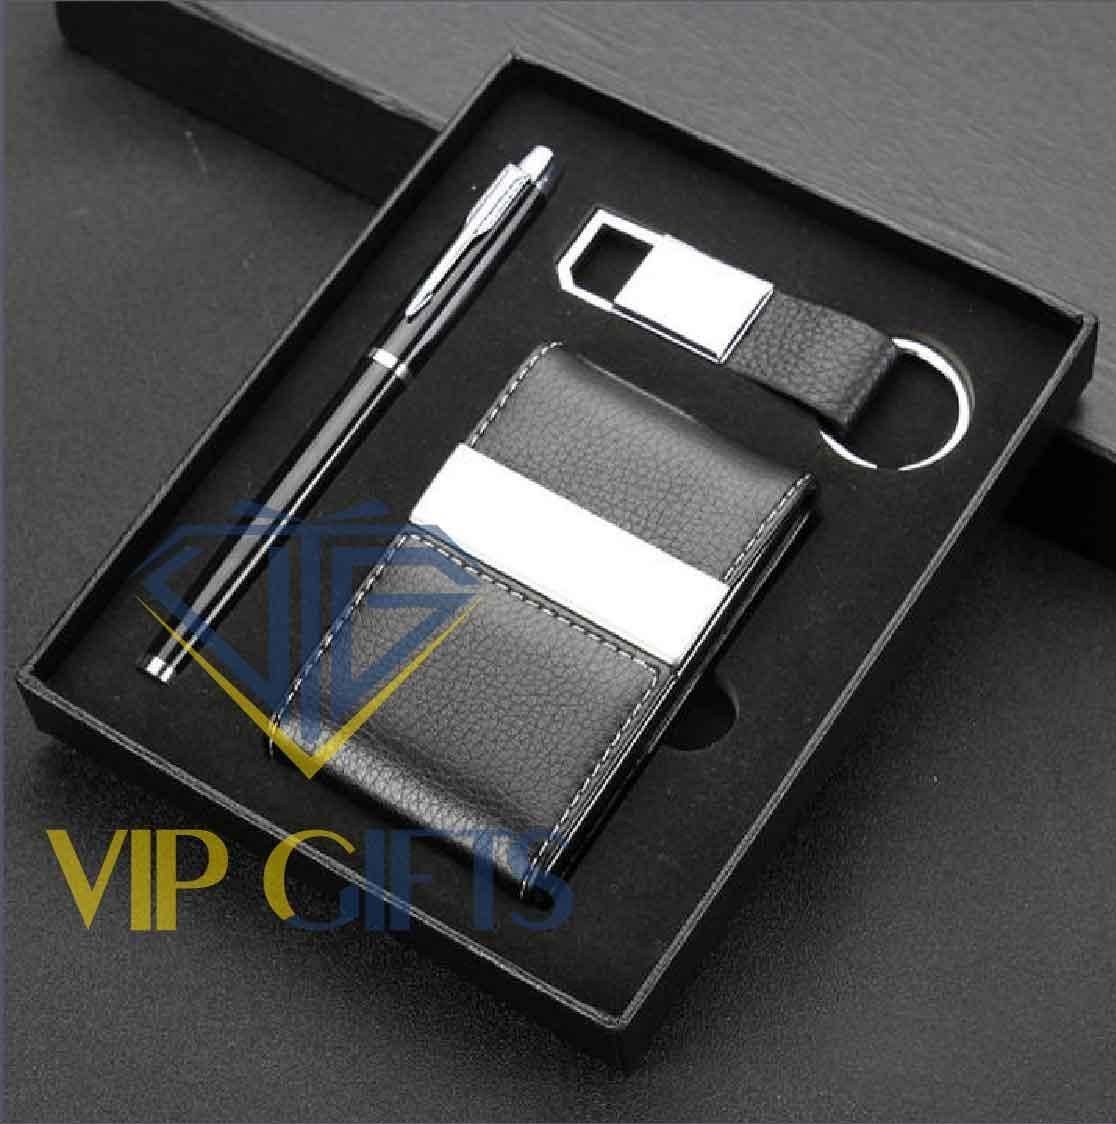 Bộ giftset Quà tặng VIP Namecard bút và móc khóa 03